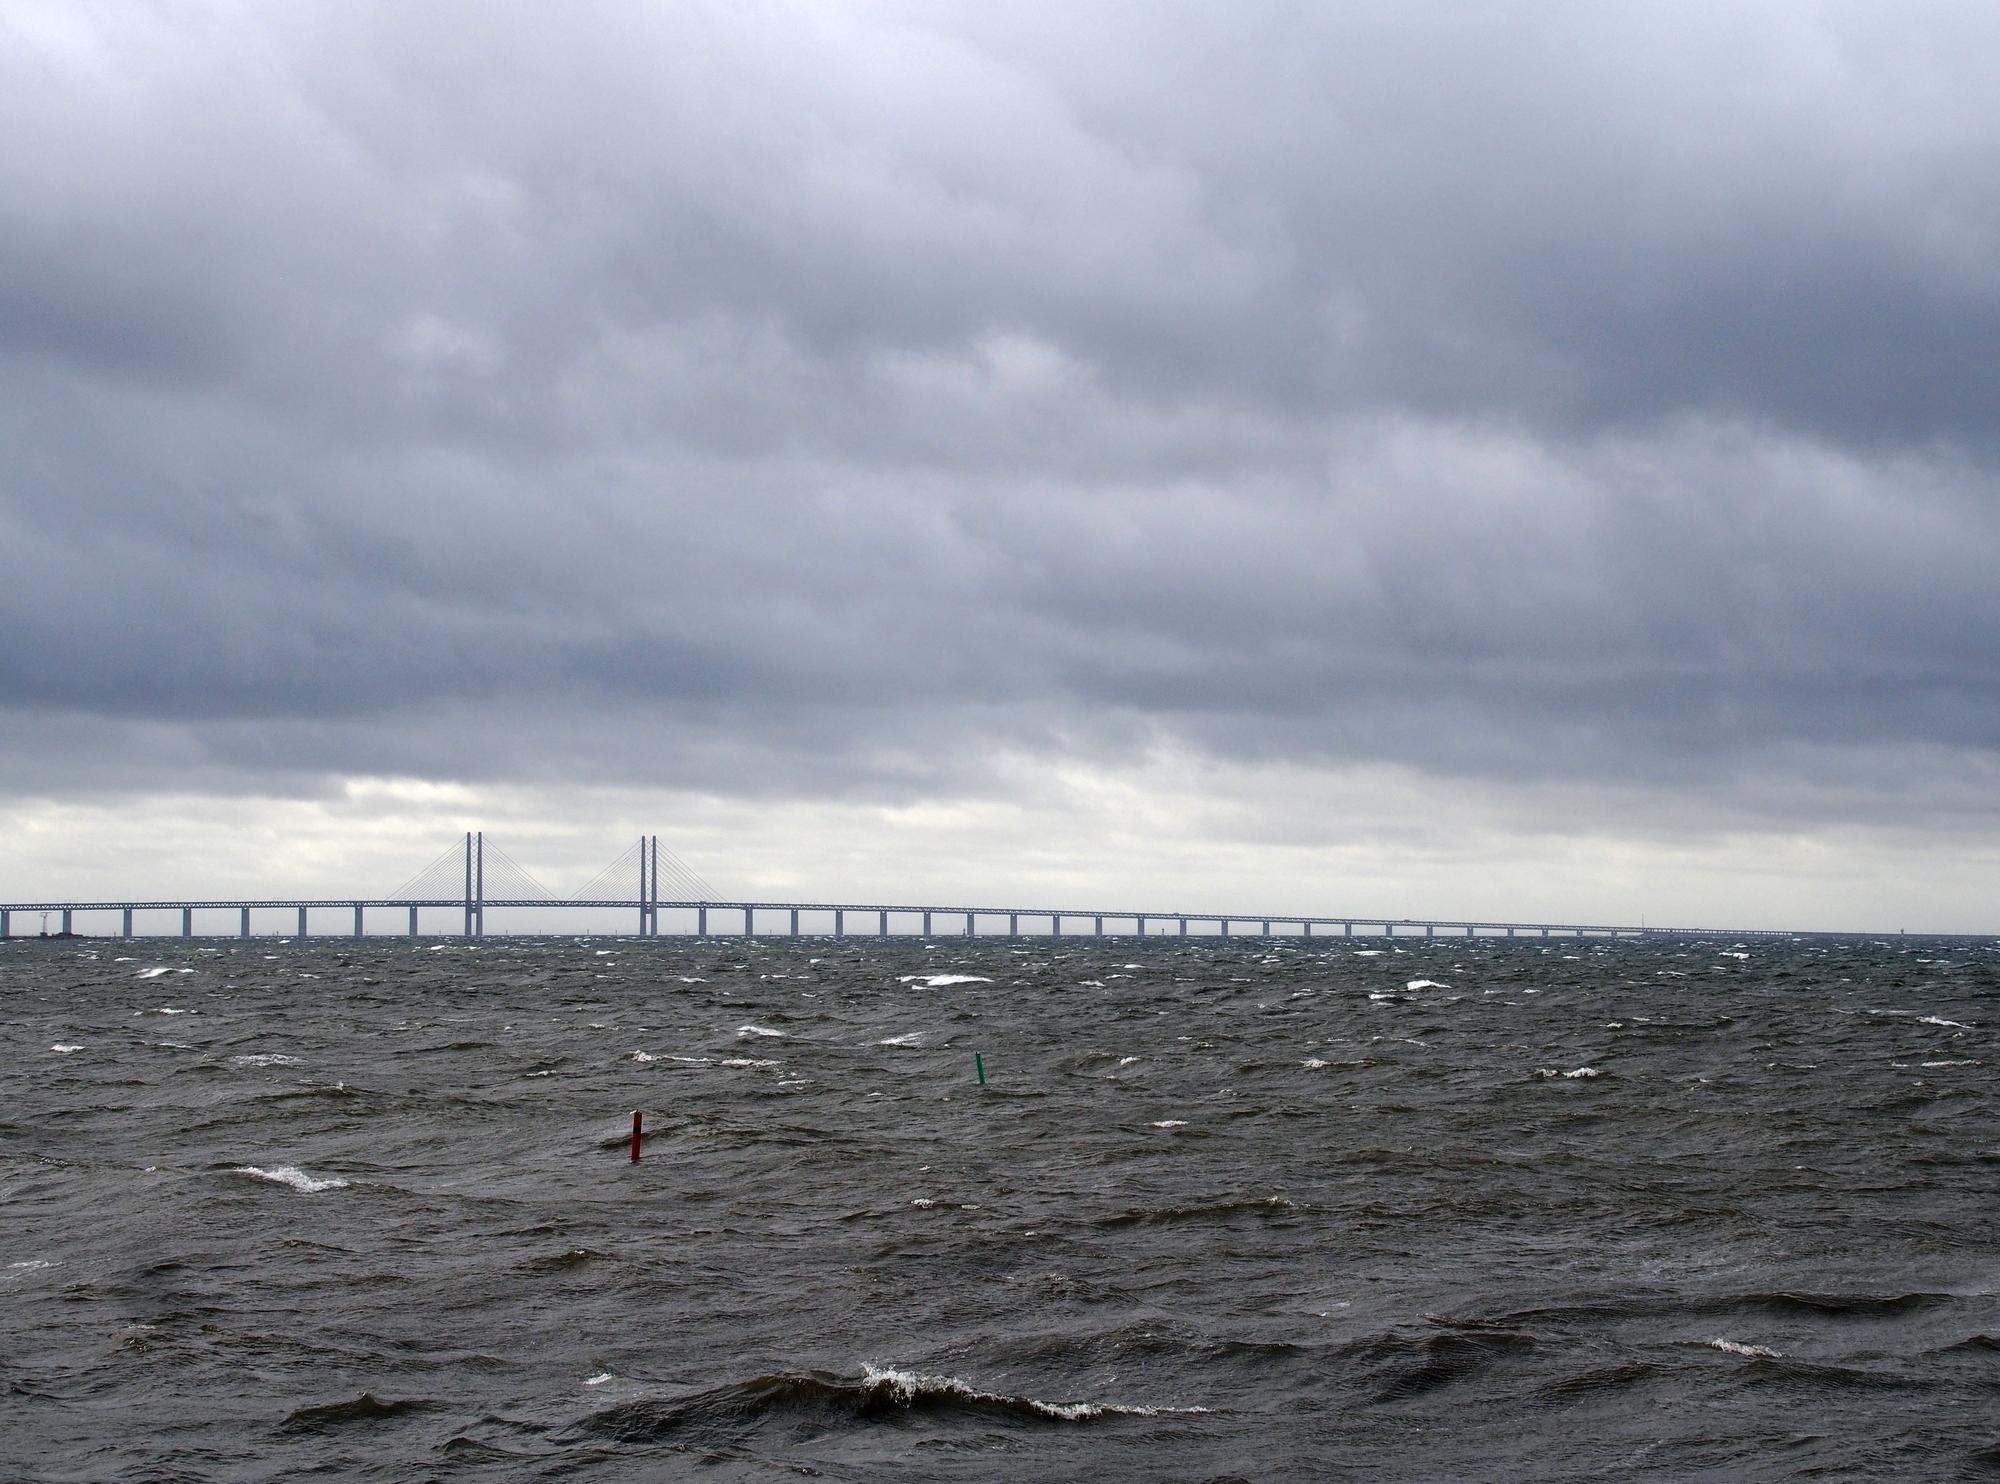 Øresundsbroen / Öresundsbron